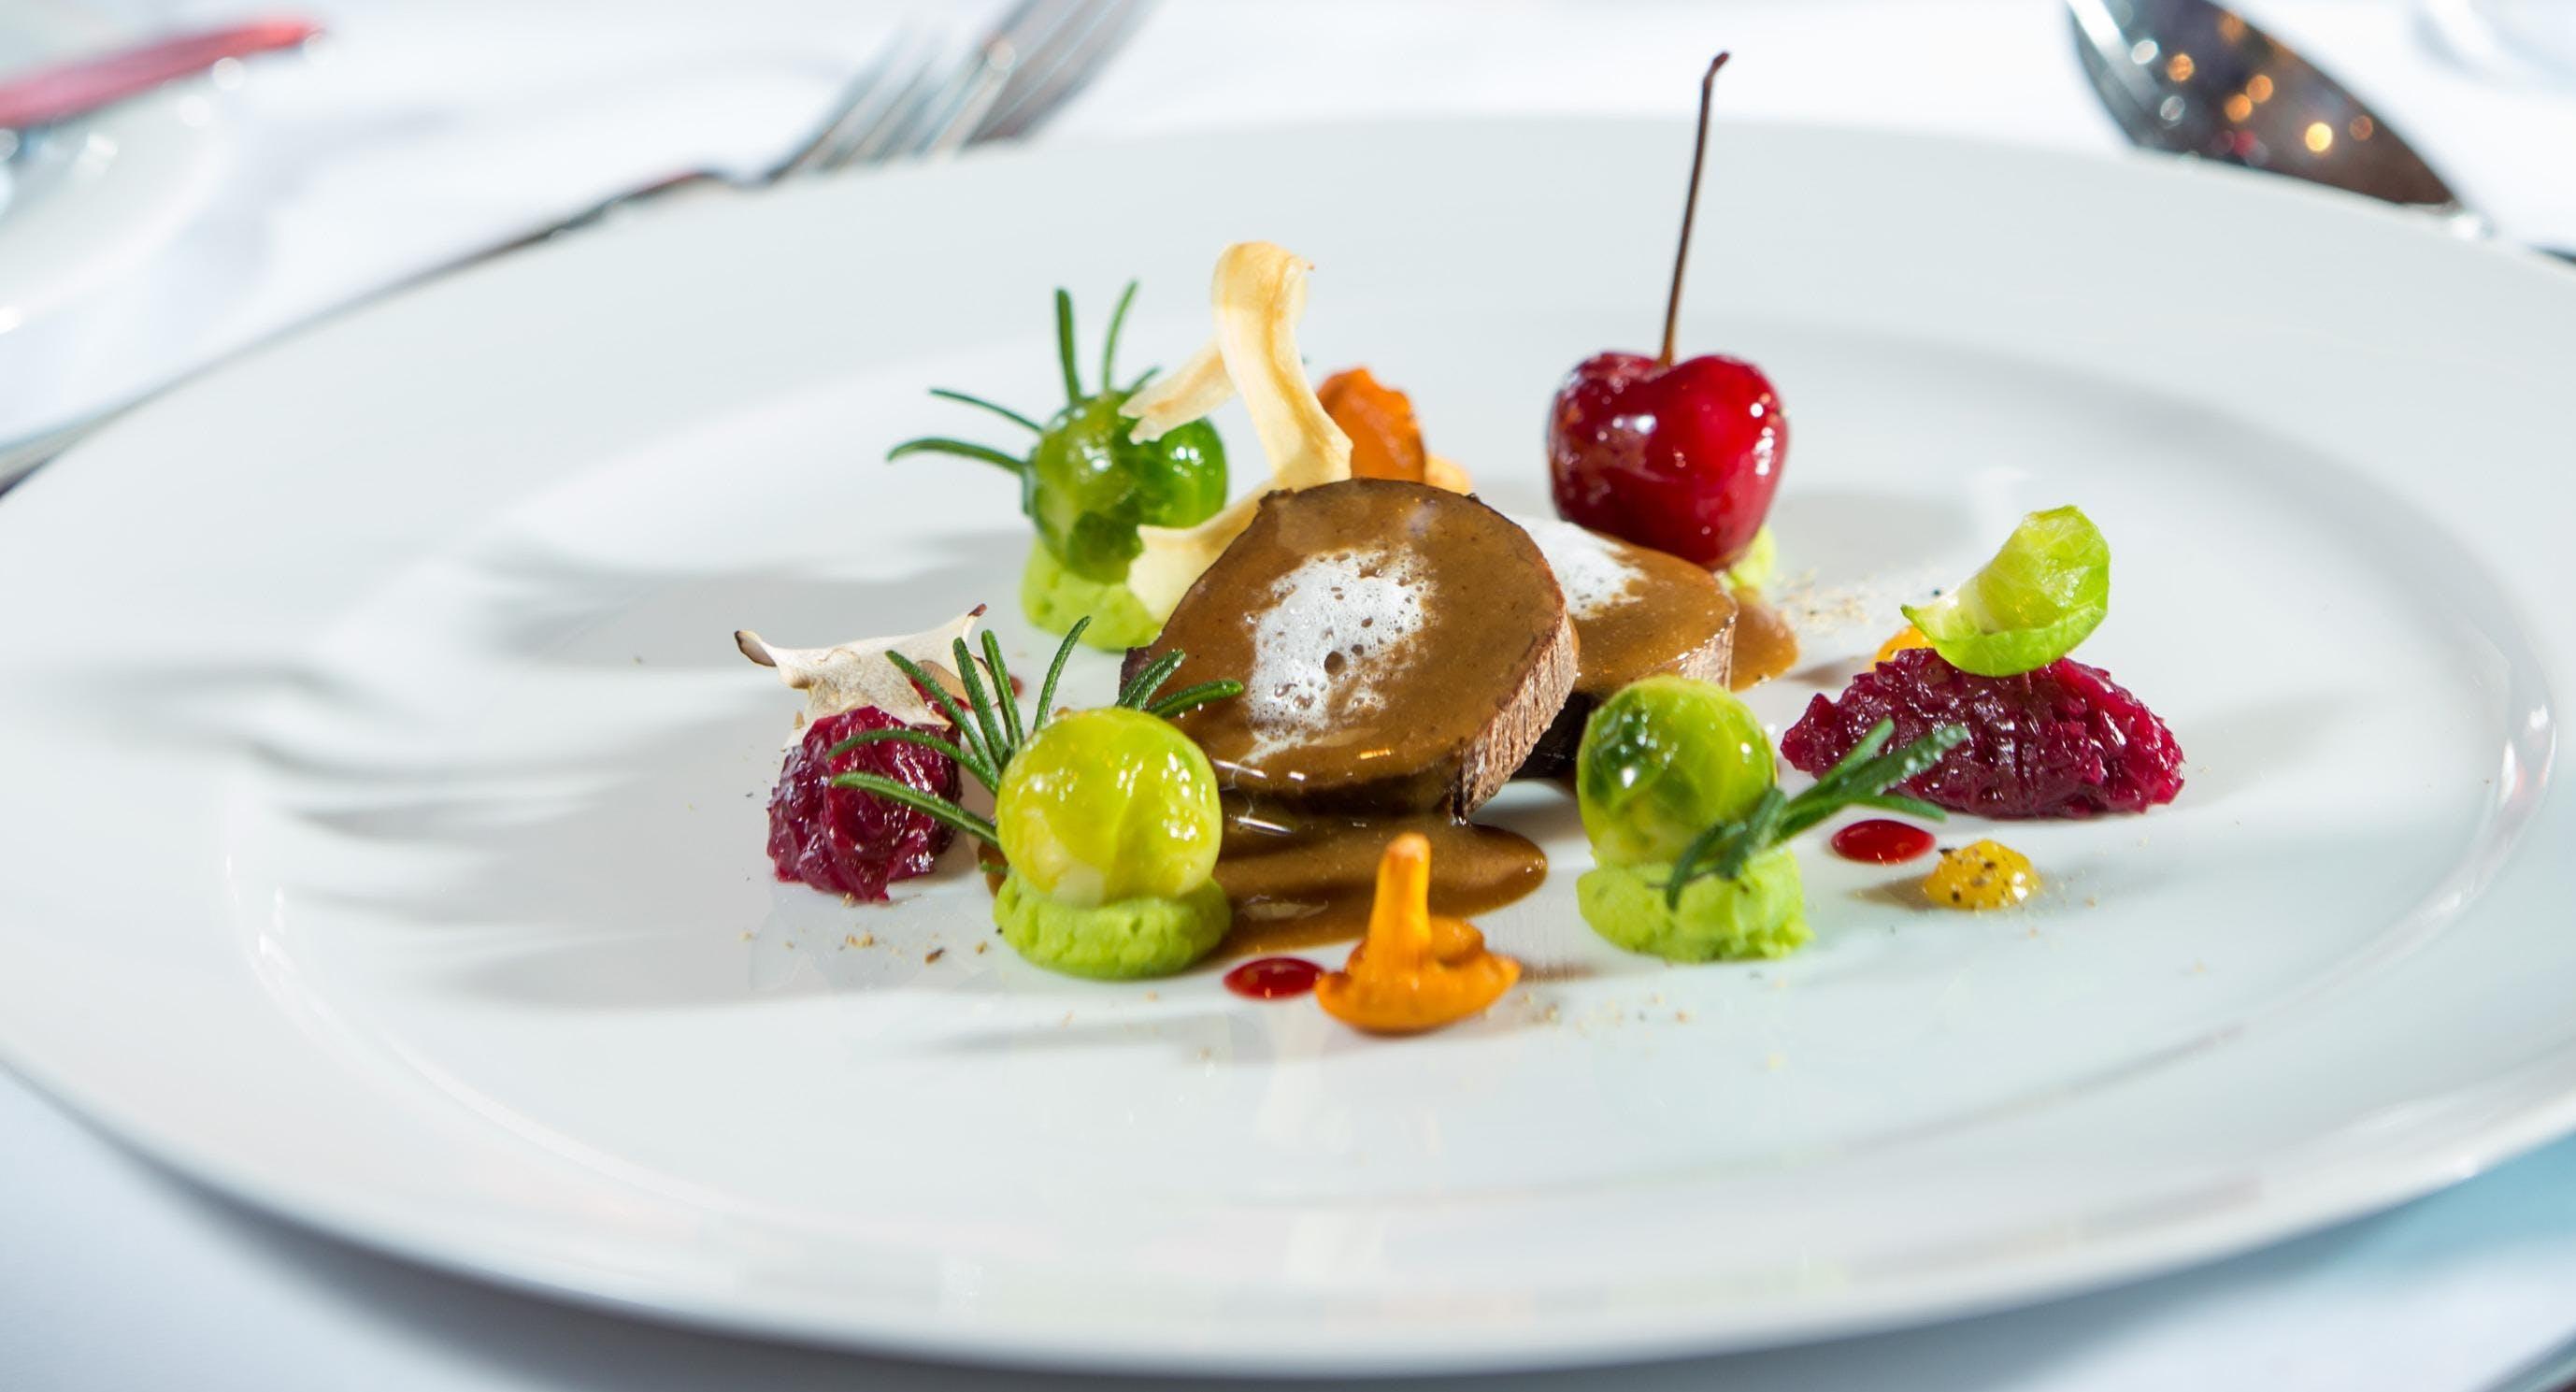 Cuisino - Baden Baden image 3